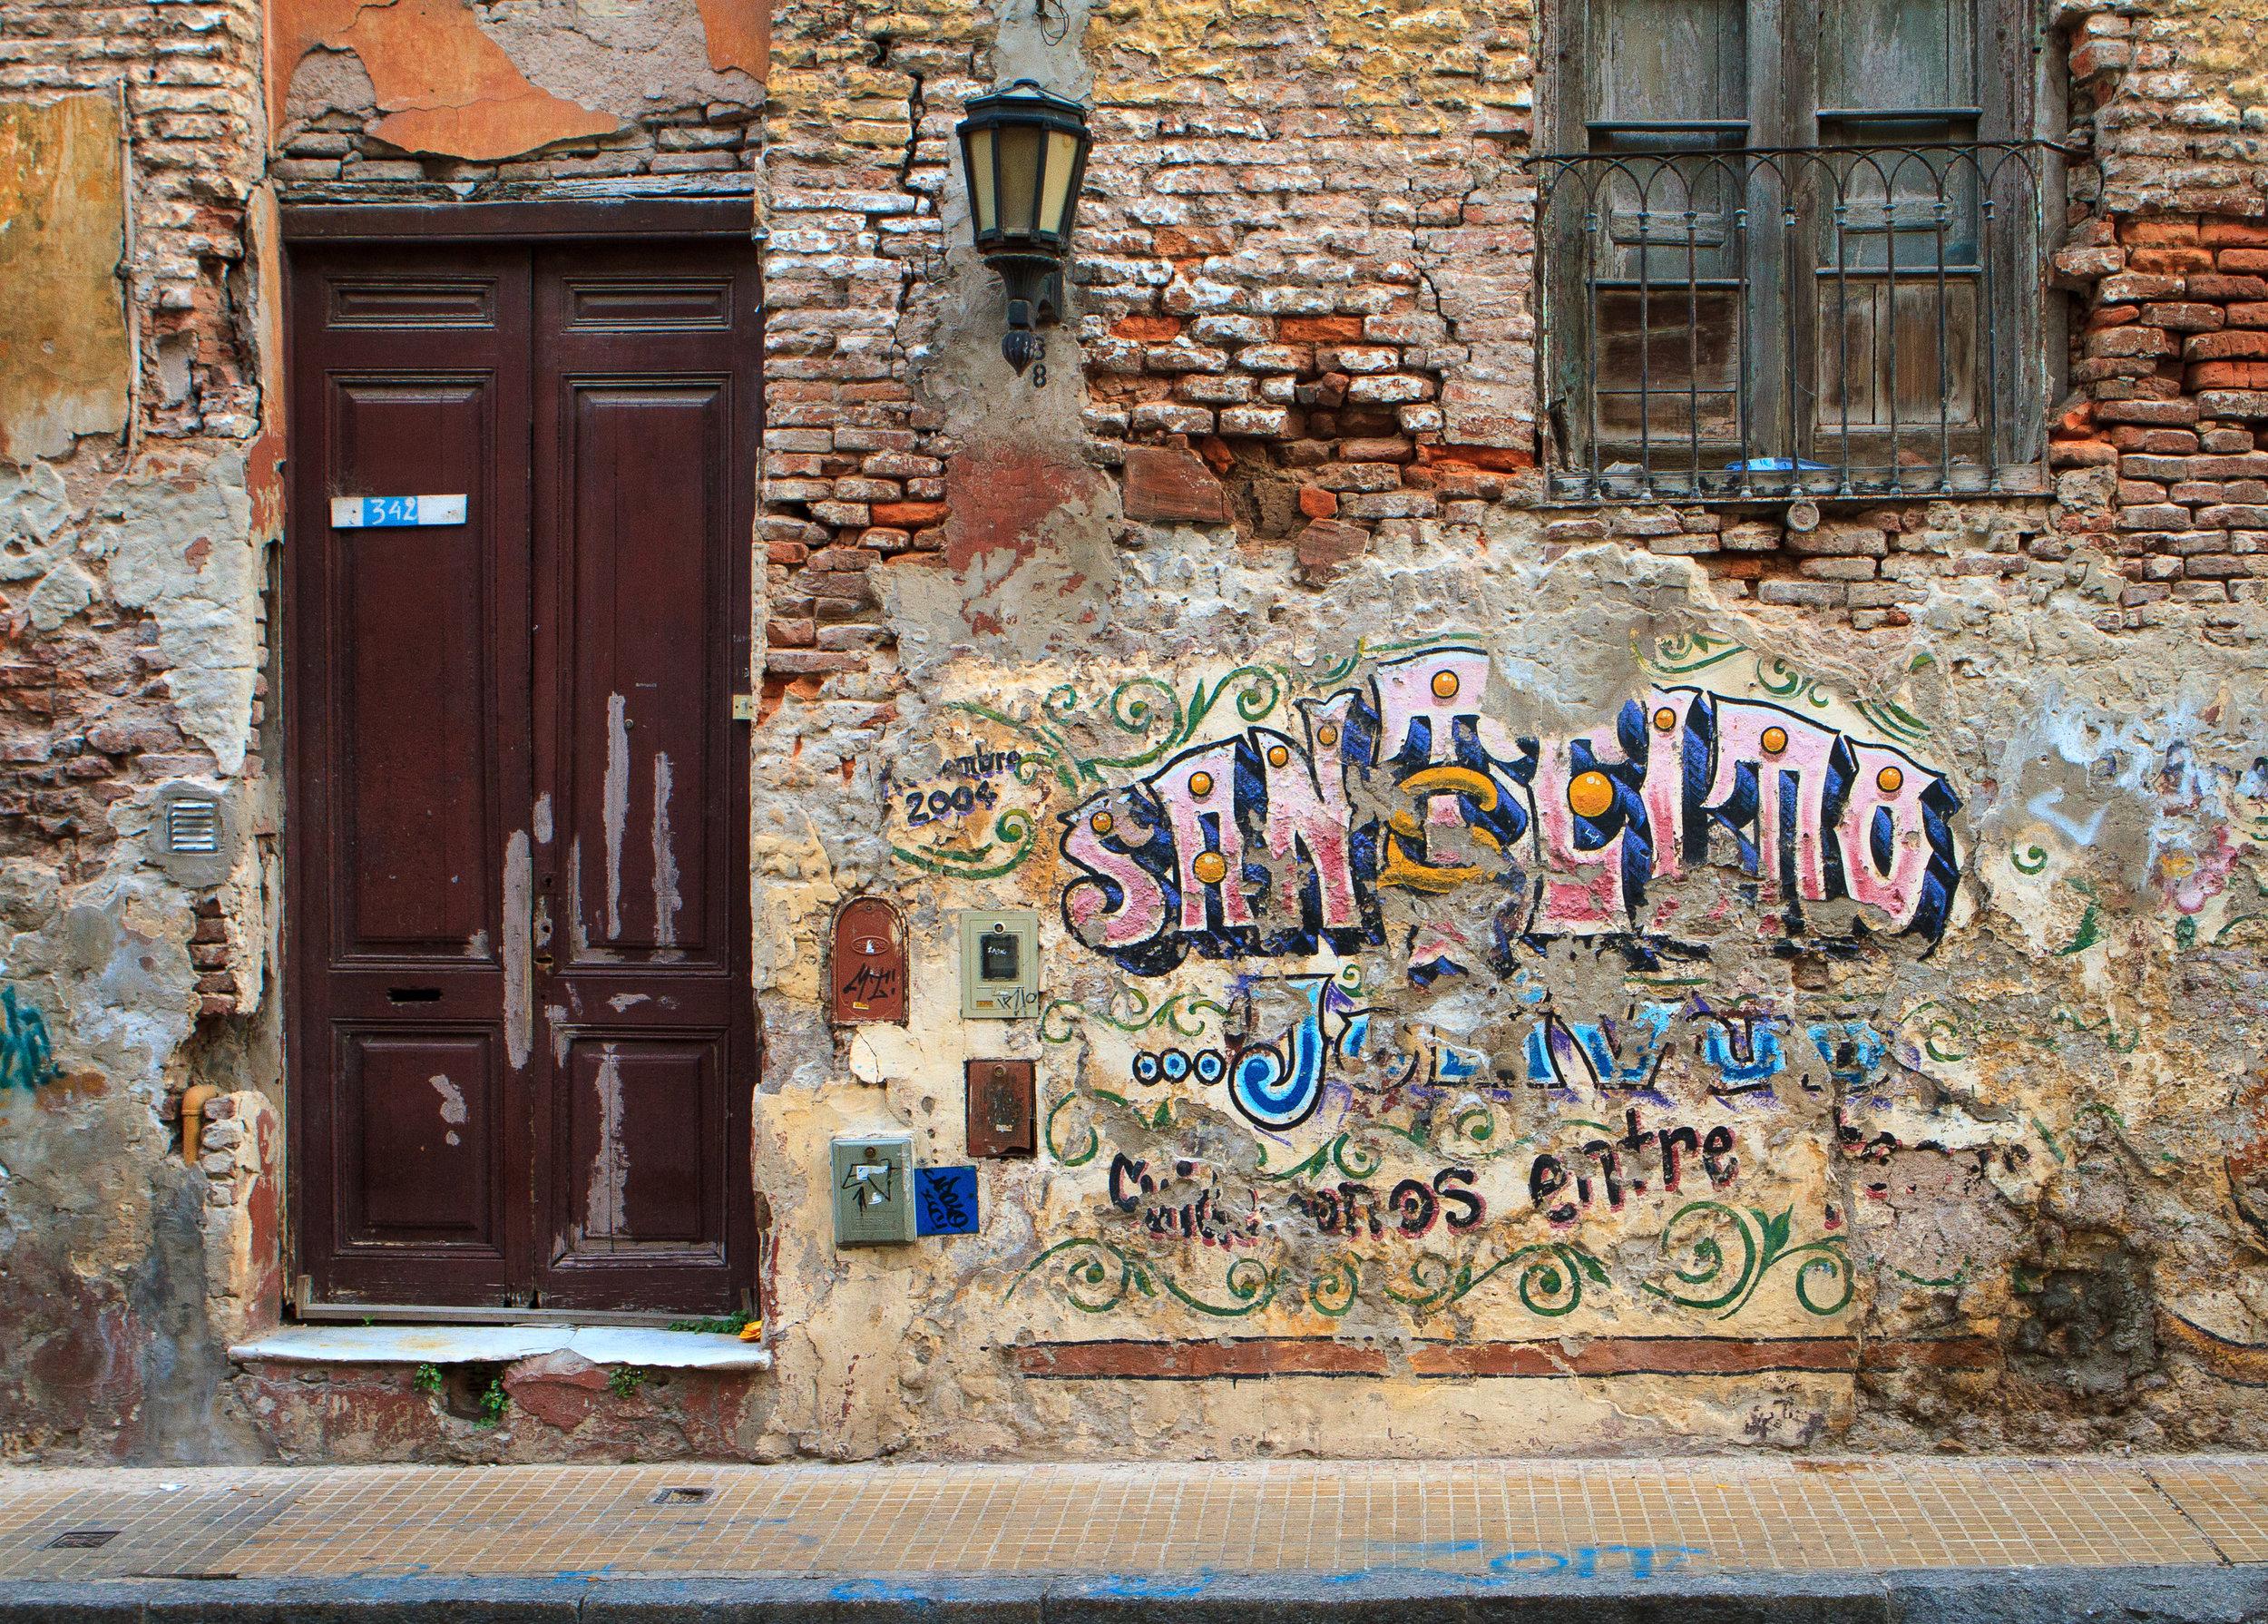 San Telmo, Buenos Aires.November, 2010.